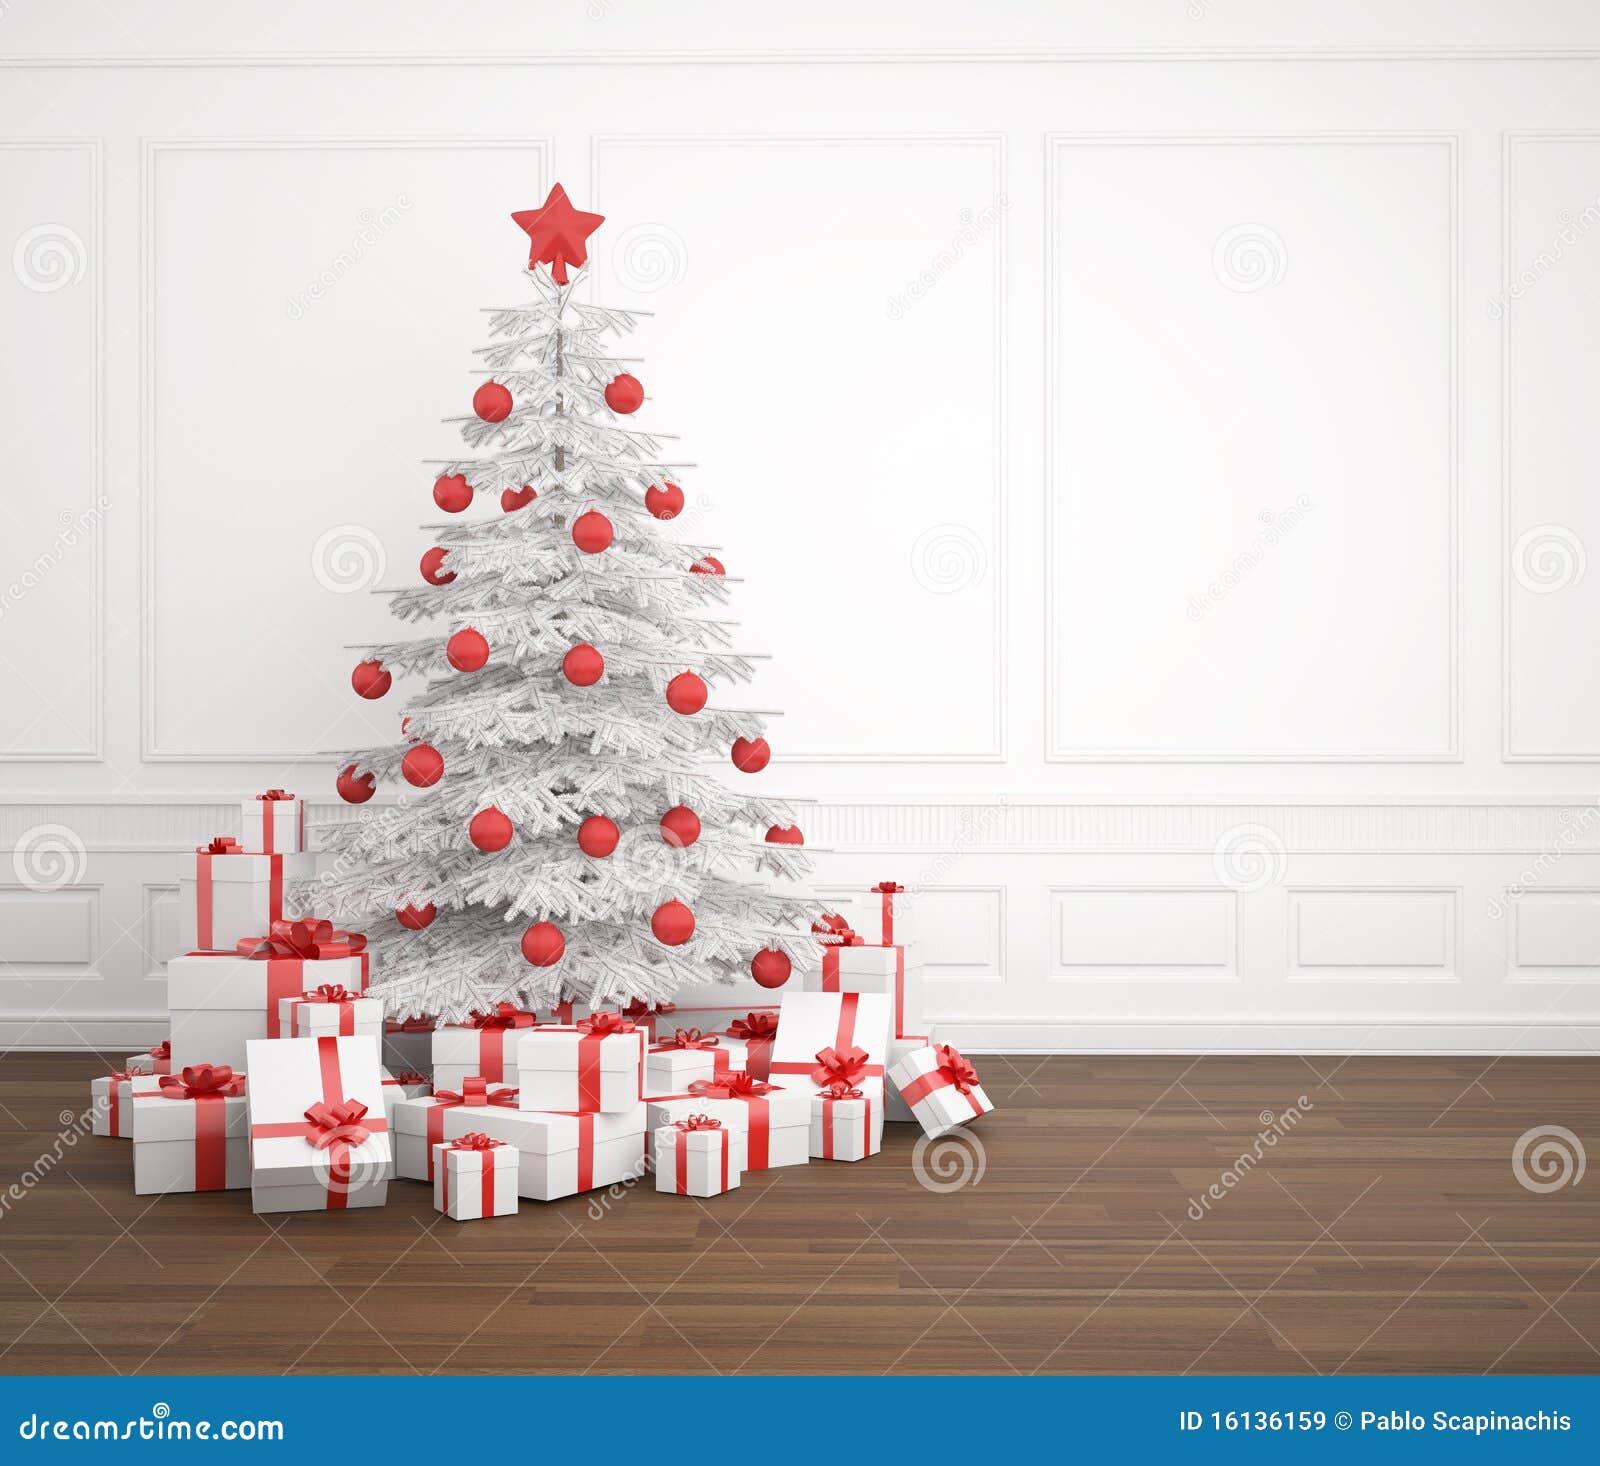 Rbol de navidad blanco y rojo stock de ilustraci n - Arboles navidad blancos ...